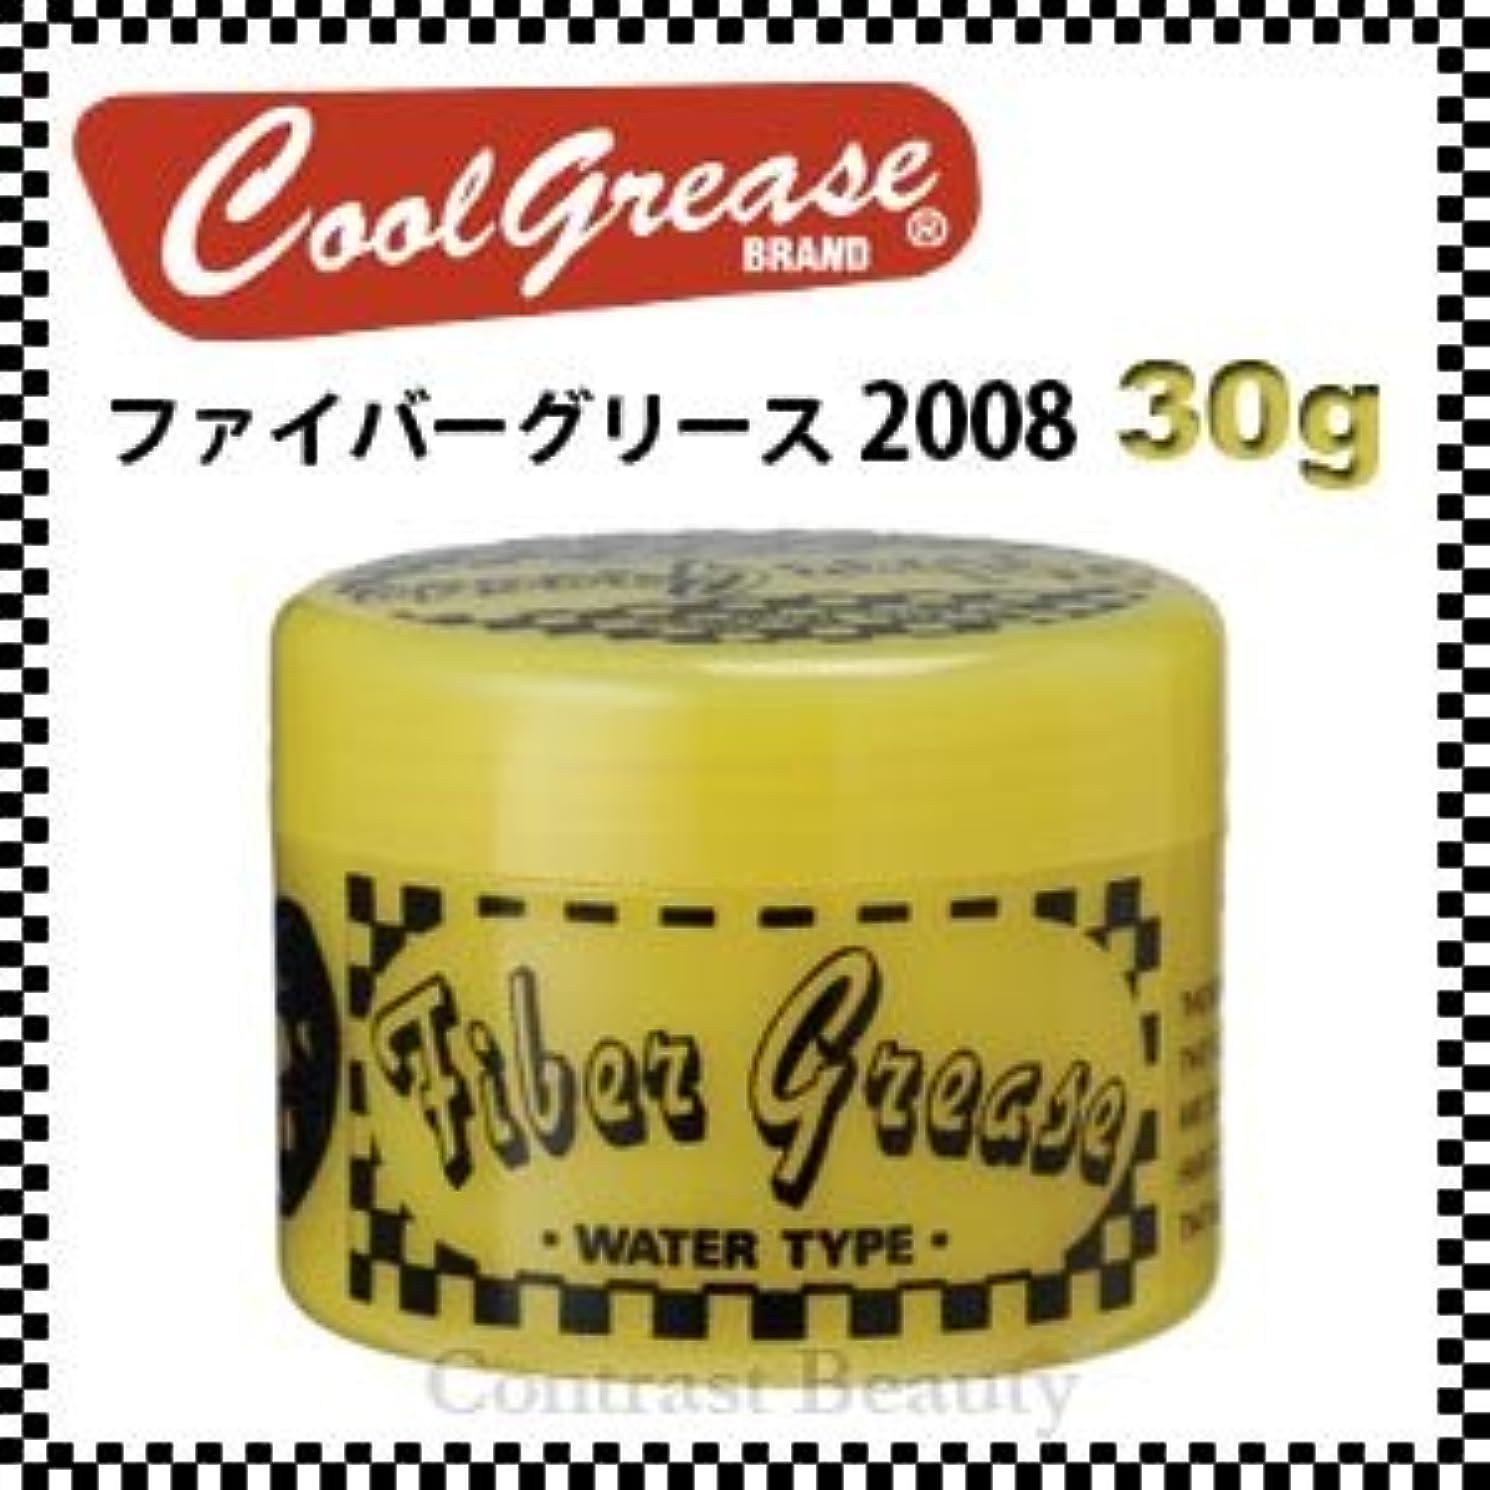 ブーストフェローシップ癌阪本高生堂 ファイバーグリース 2008 30g